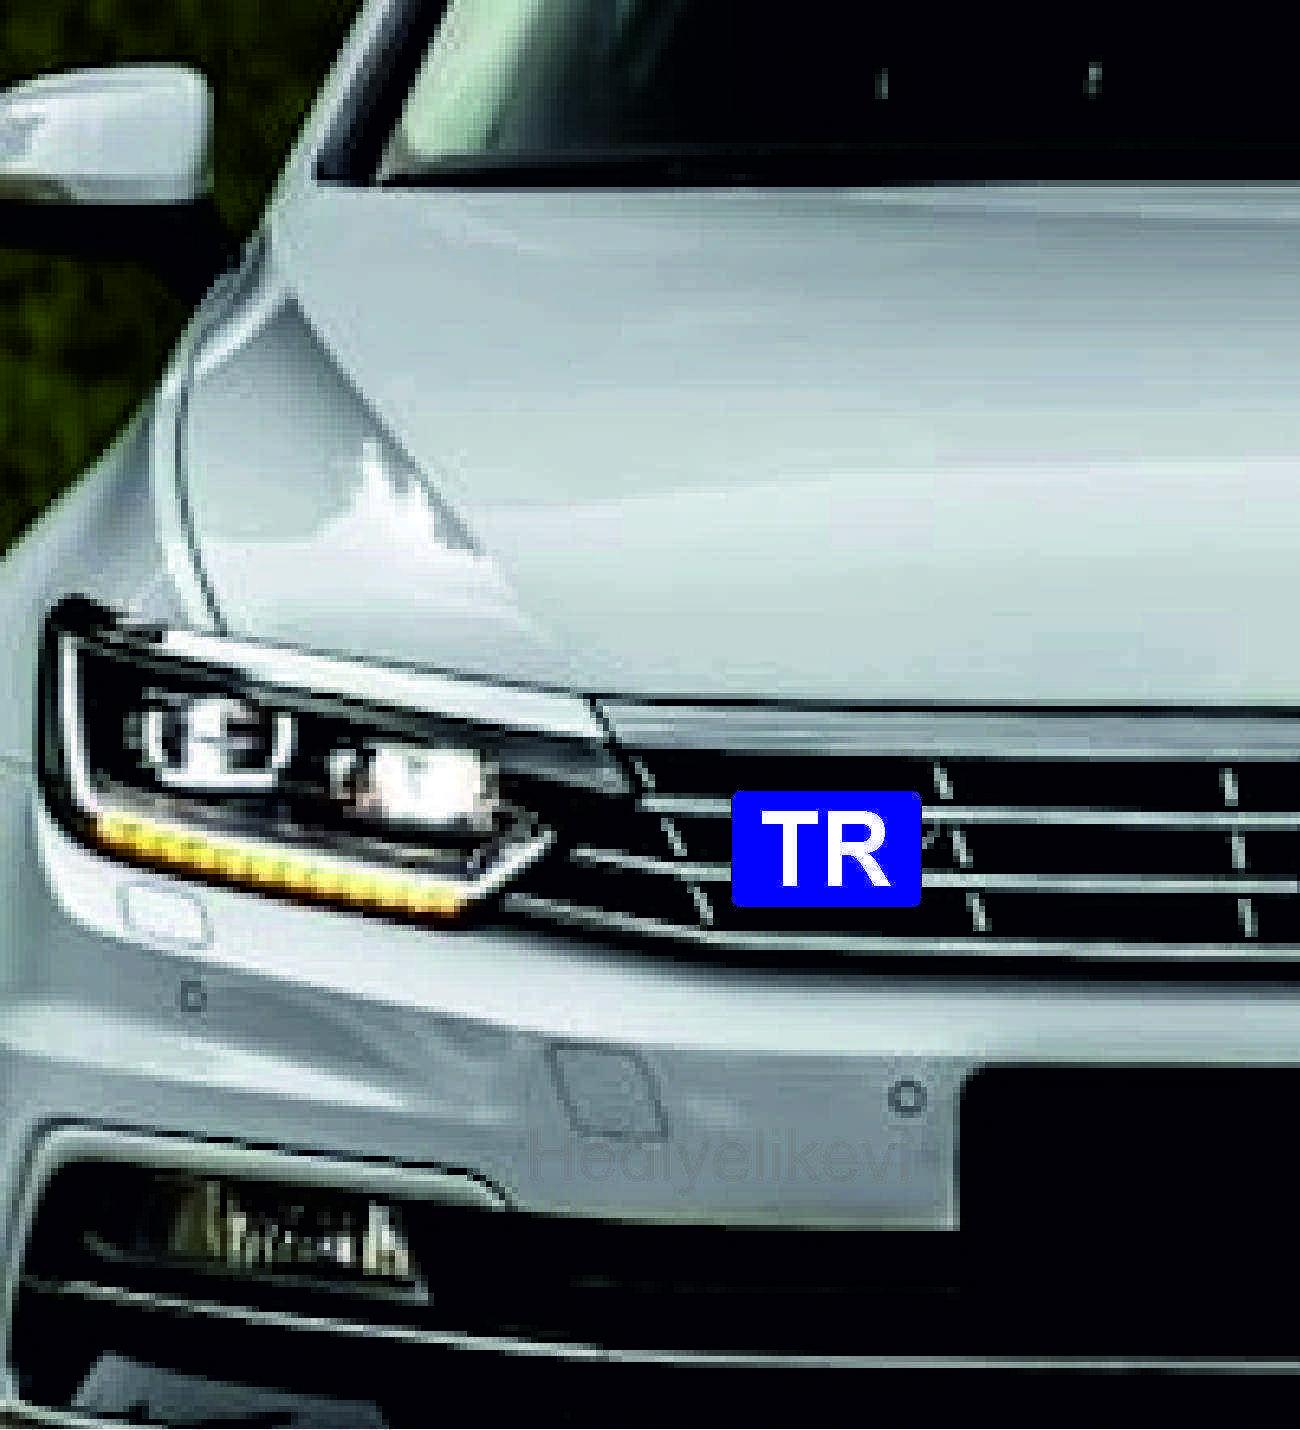 Araç Ön Panjur Logosu Panjur Arma TR  logolu